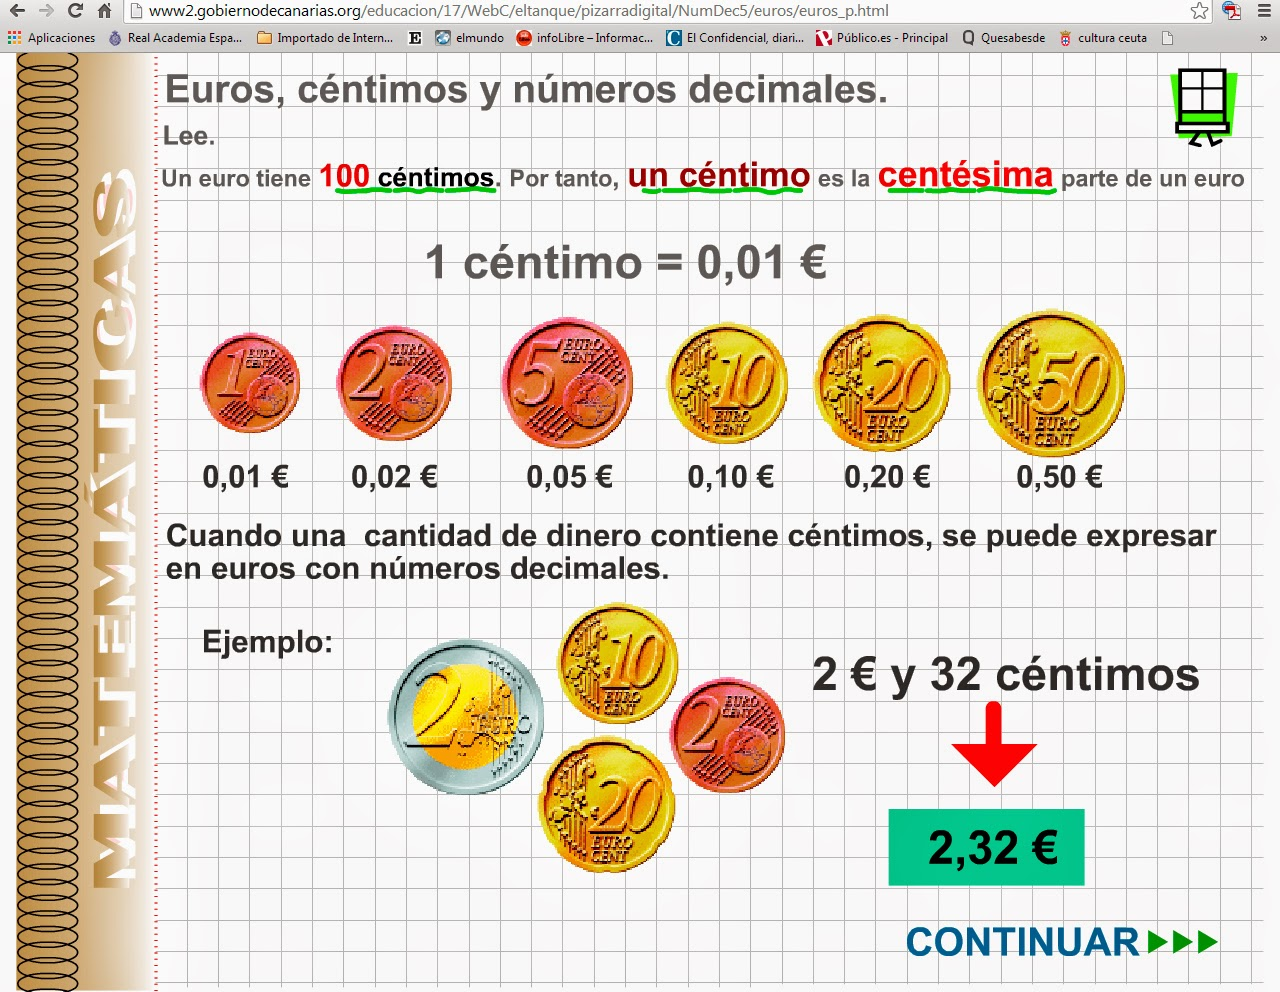 http://www2.gobiernodecanarias.org/educacion/17/WebC/eltanque/pizarradigital/NumDec5/euros/euros_p.html